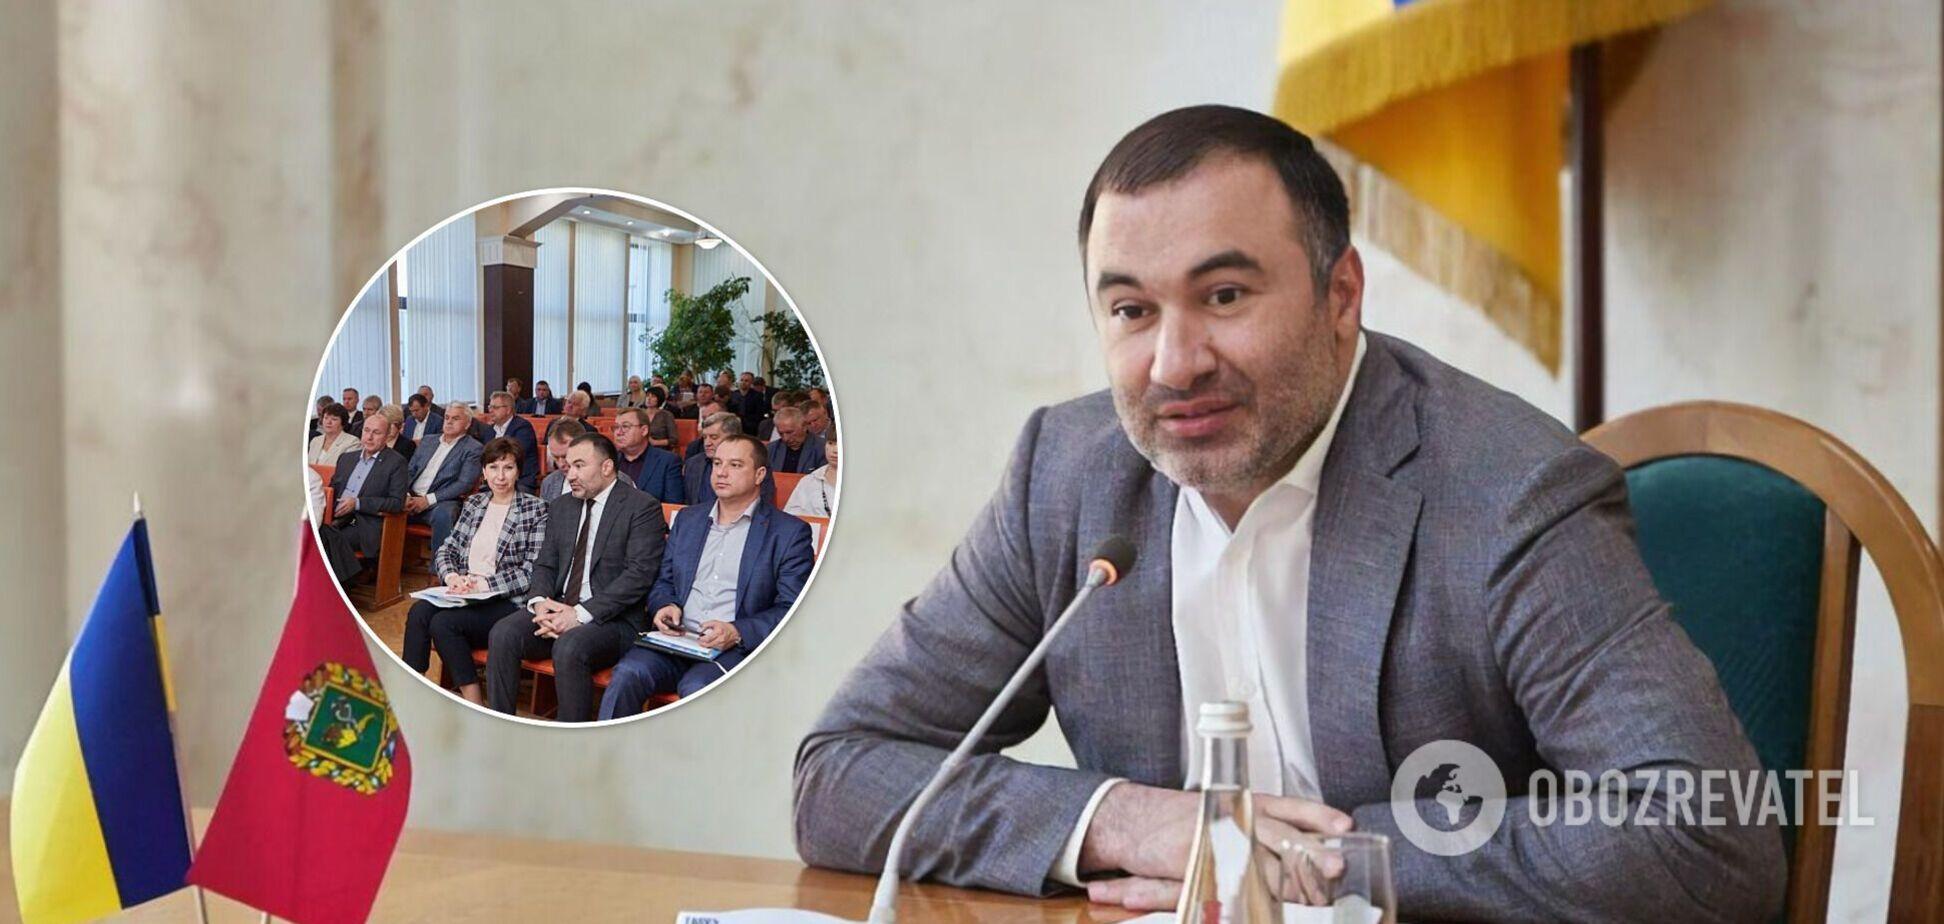 Подозреваемый во взятке экс-глава Харьковского облсовета получил новую должность. Фото